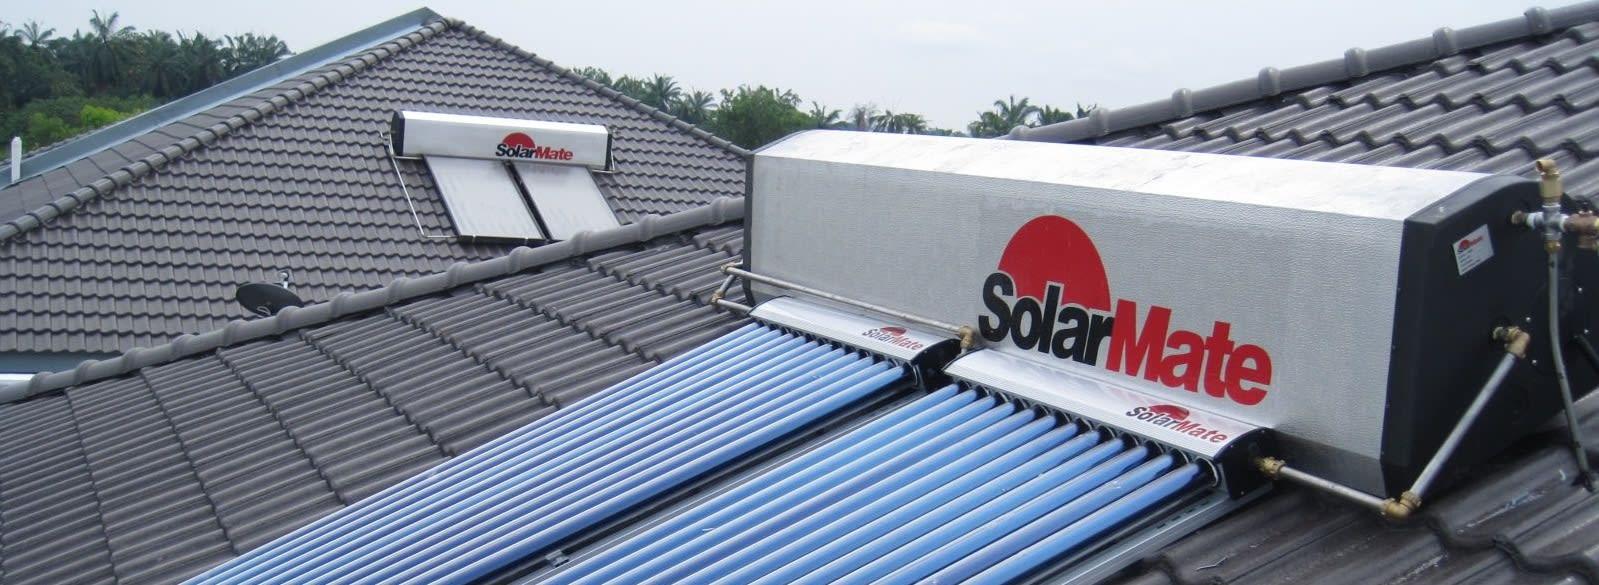 SolarMate Malaysia